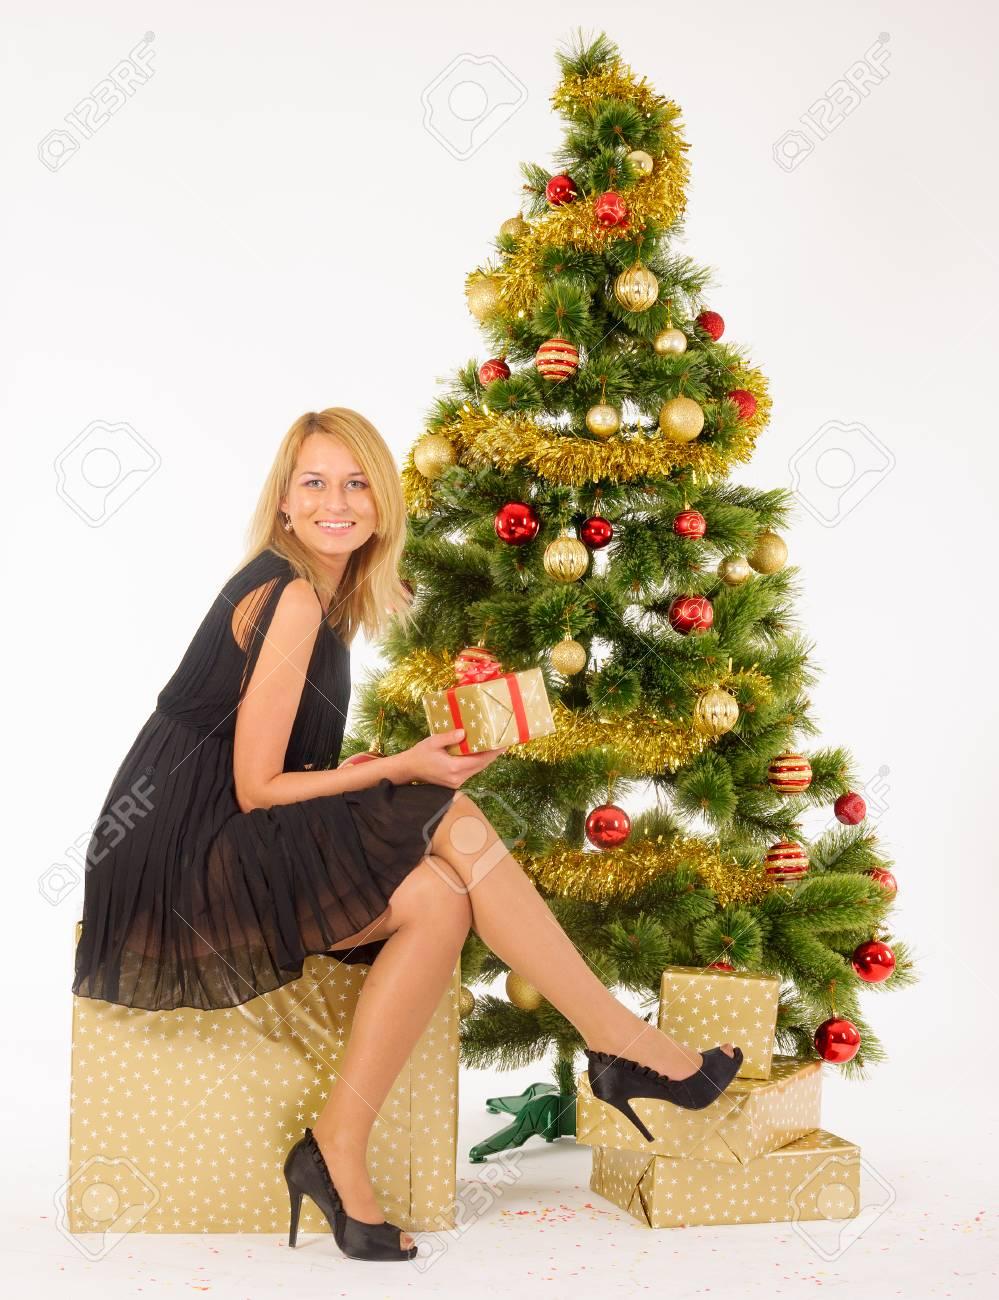 b18d58d81f Foto de archivo - Hermosa mujer posando cerca de árbol de Navidad